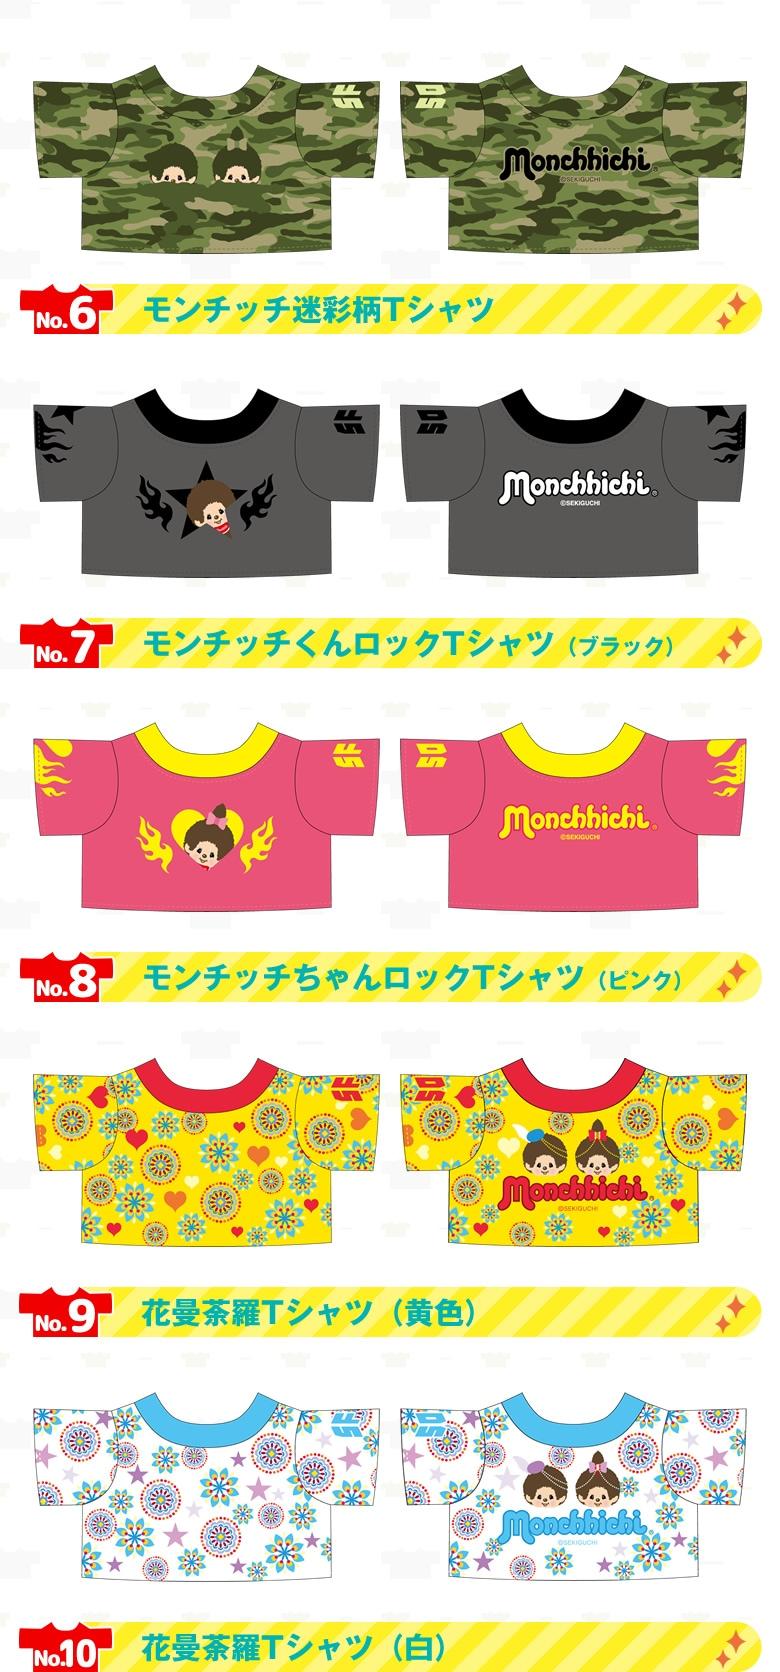 モンチッチTシャツコレクション第3弾 Sサイズ デザイン No.6-10